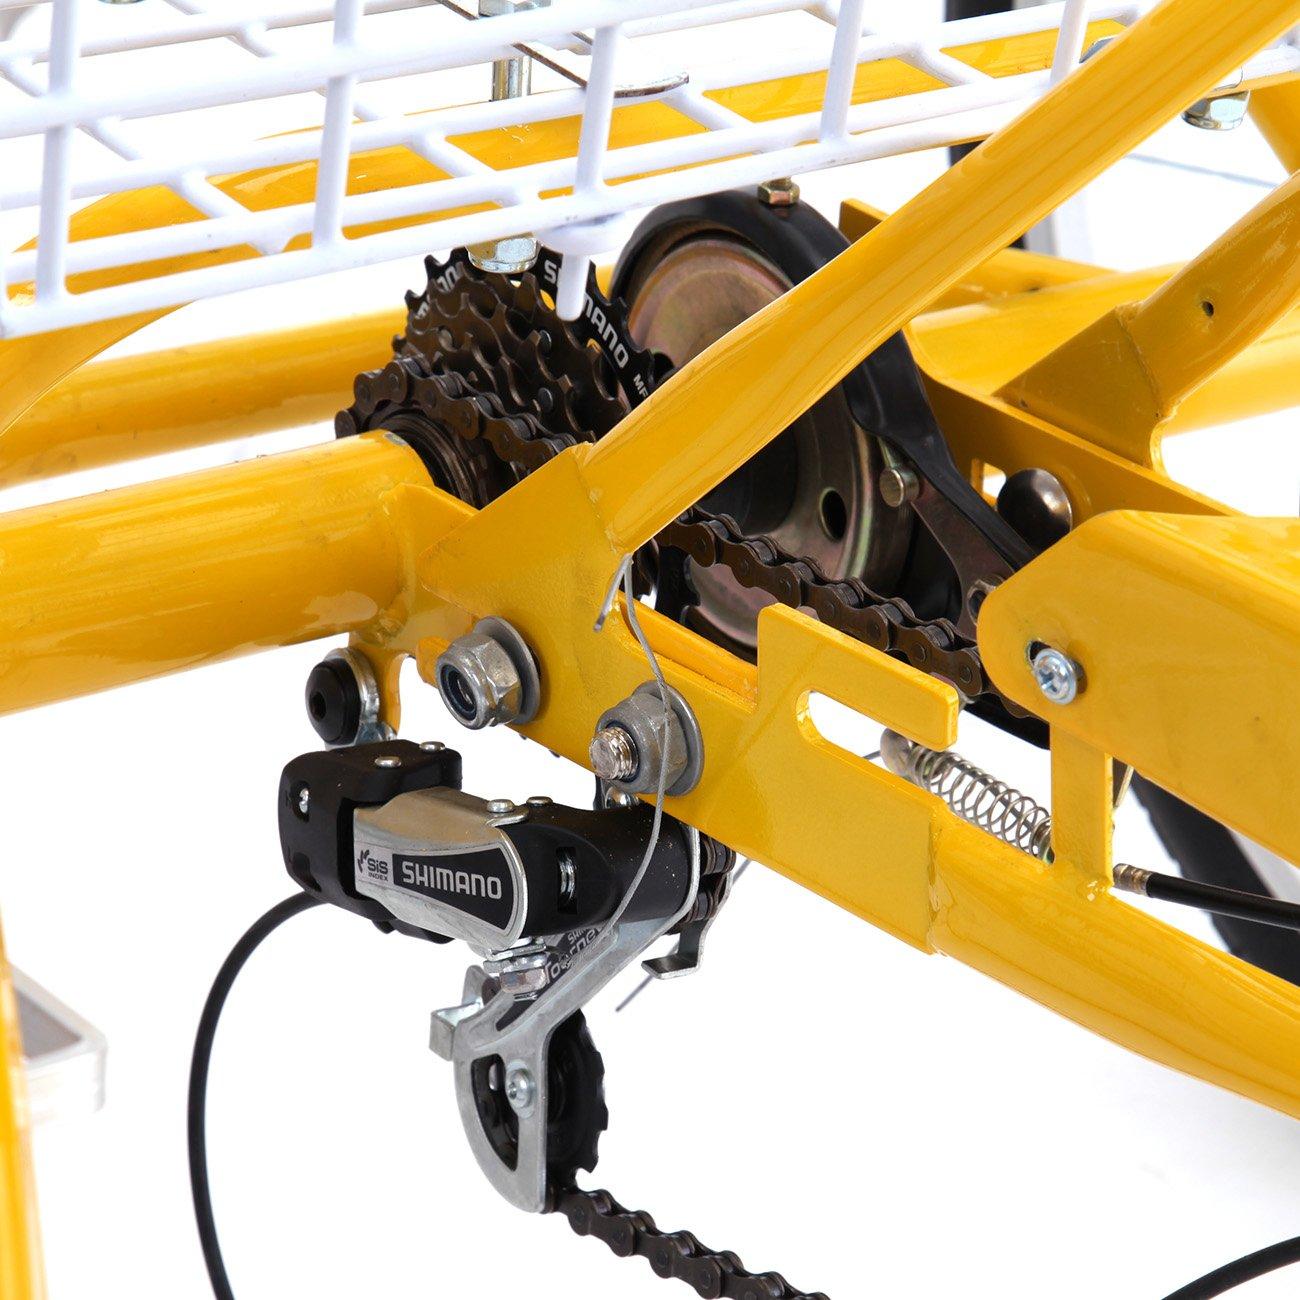 IglobalbuyYellow 24-Inch 6-Speed Adult Tricycle Trike 3-Wheel Bike Cruise Bike with Basket by Iglobalbuy (Image #8)